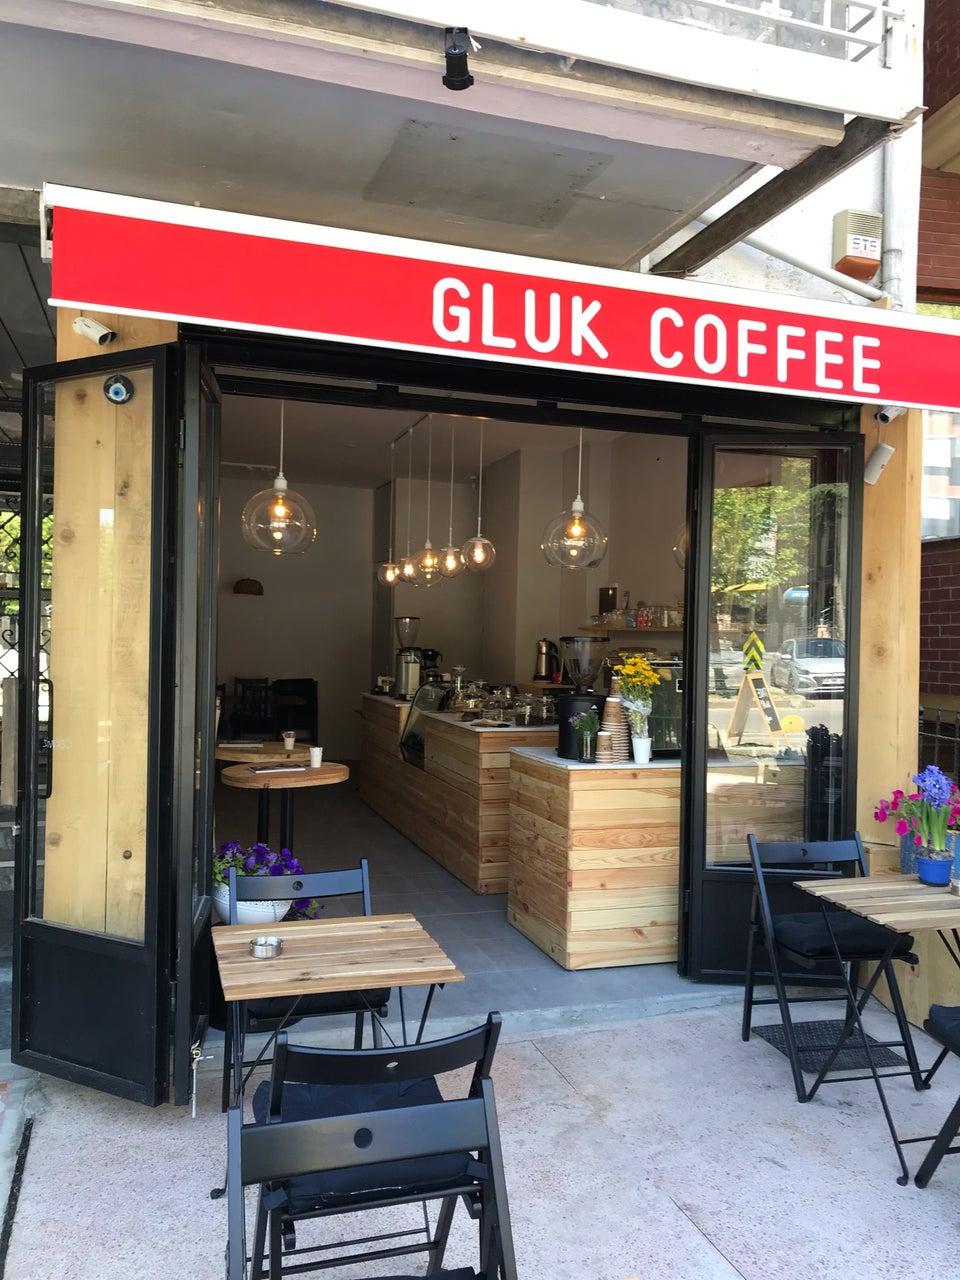 Gluk Coffee